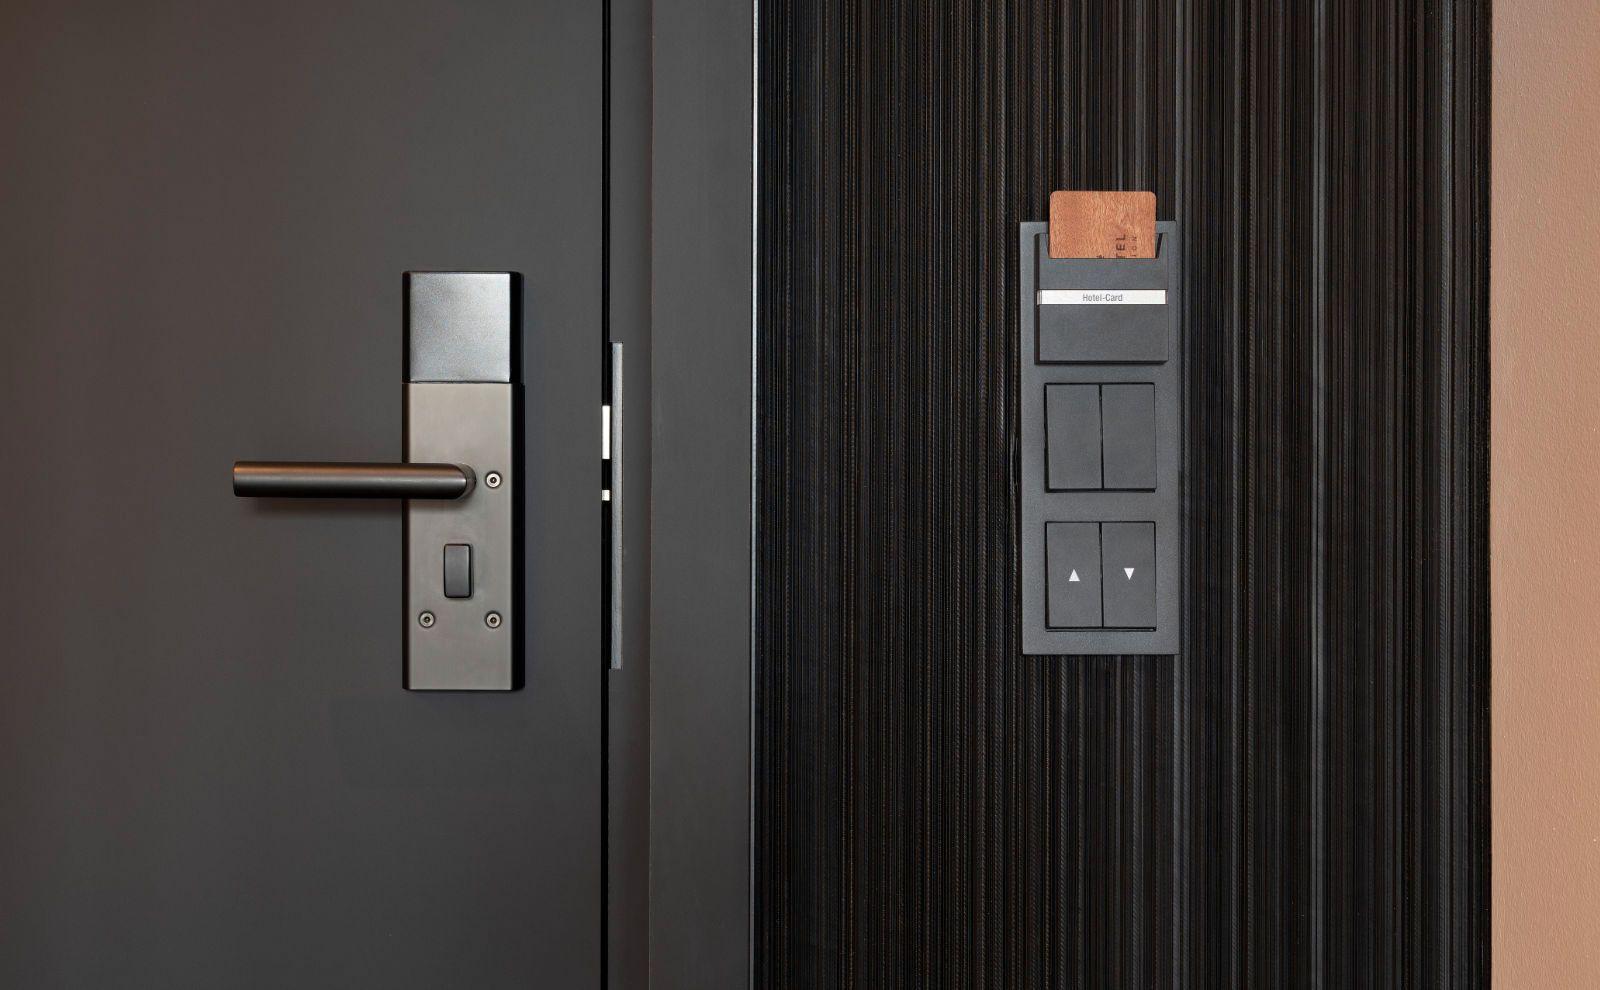 Türdrücker und Schaltergarnitur von Gira im Hotel von Reimann Architecture